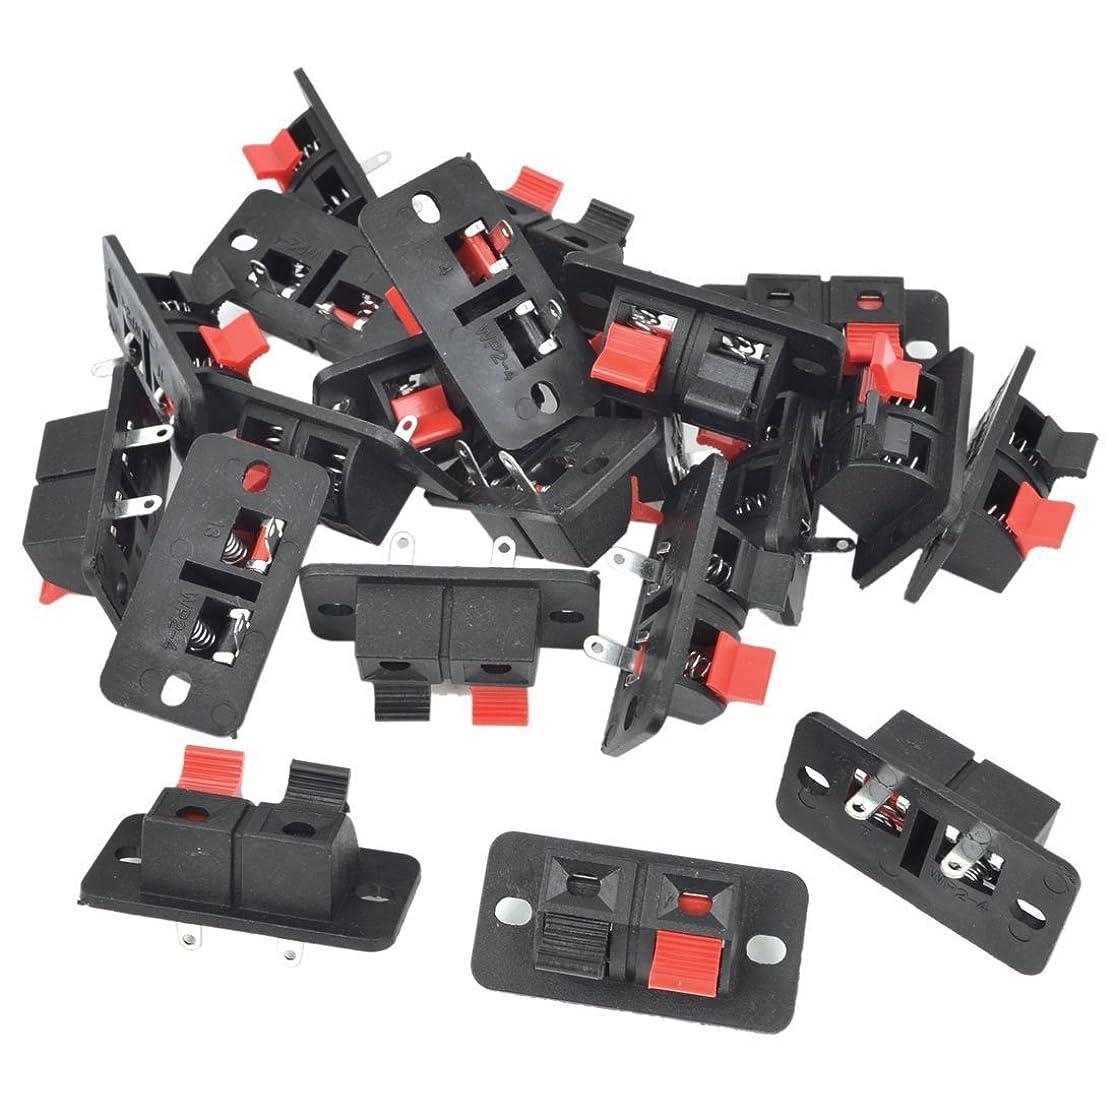 影響力のあるパット困難Houseuse 20個2?Wayステレオスピーカーターミナルプレートストリッププッシュコネクタブロック